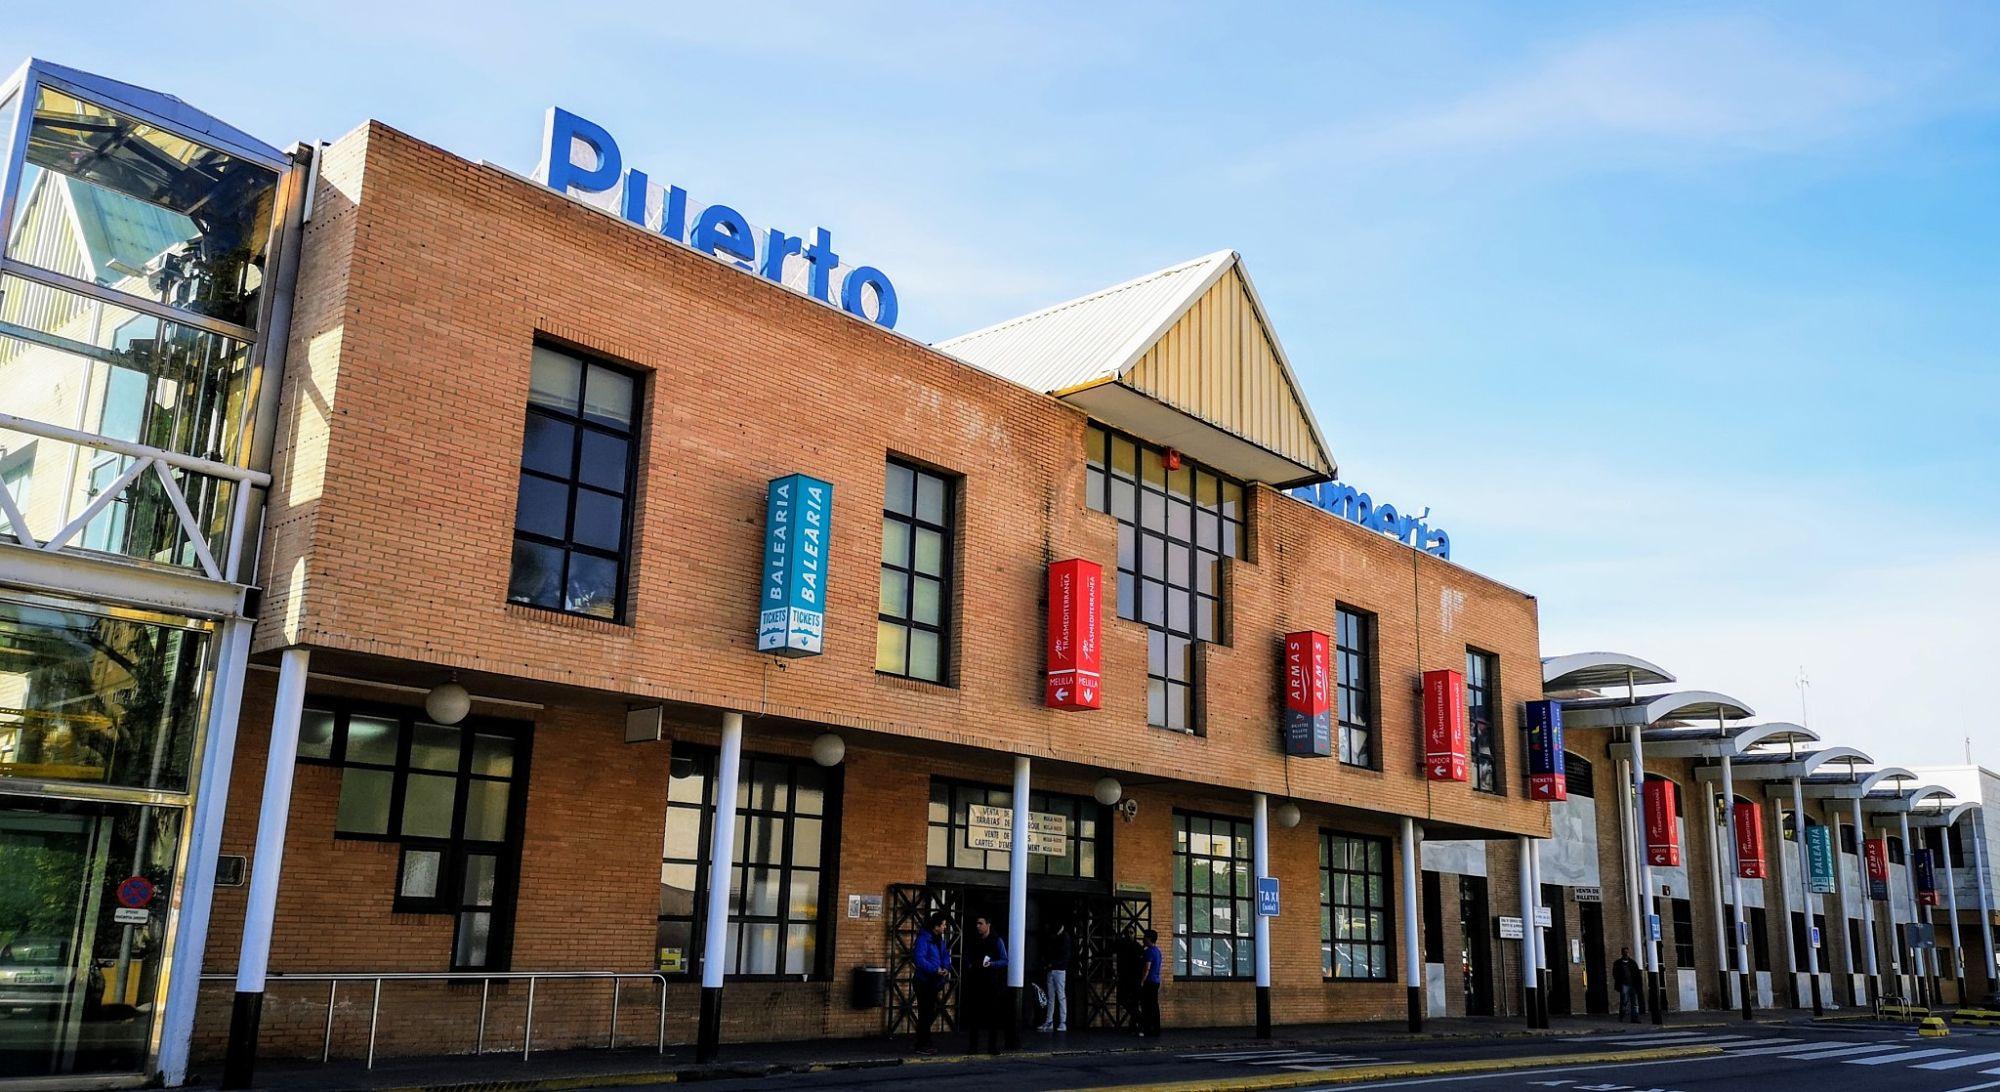 Etralux construirá la instalación solar fotovoltaica en la estación marítima del Puerto de Almería